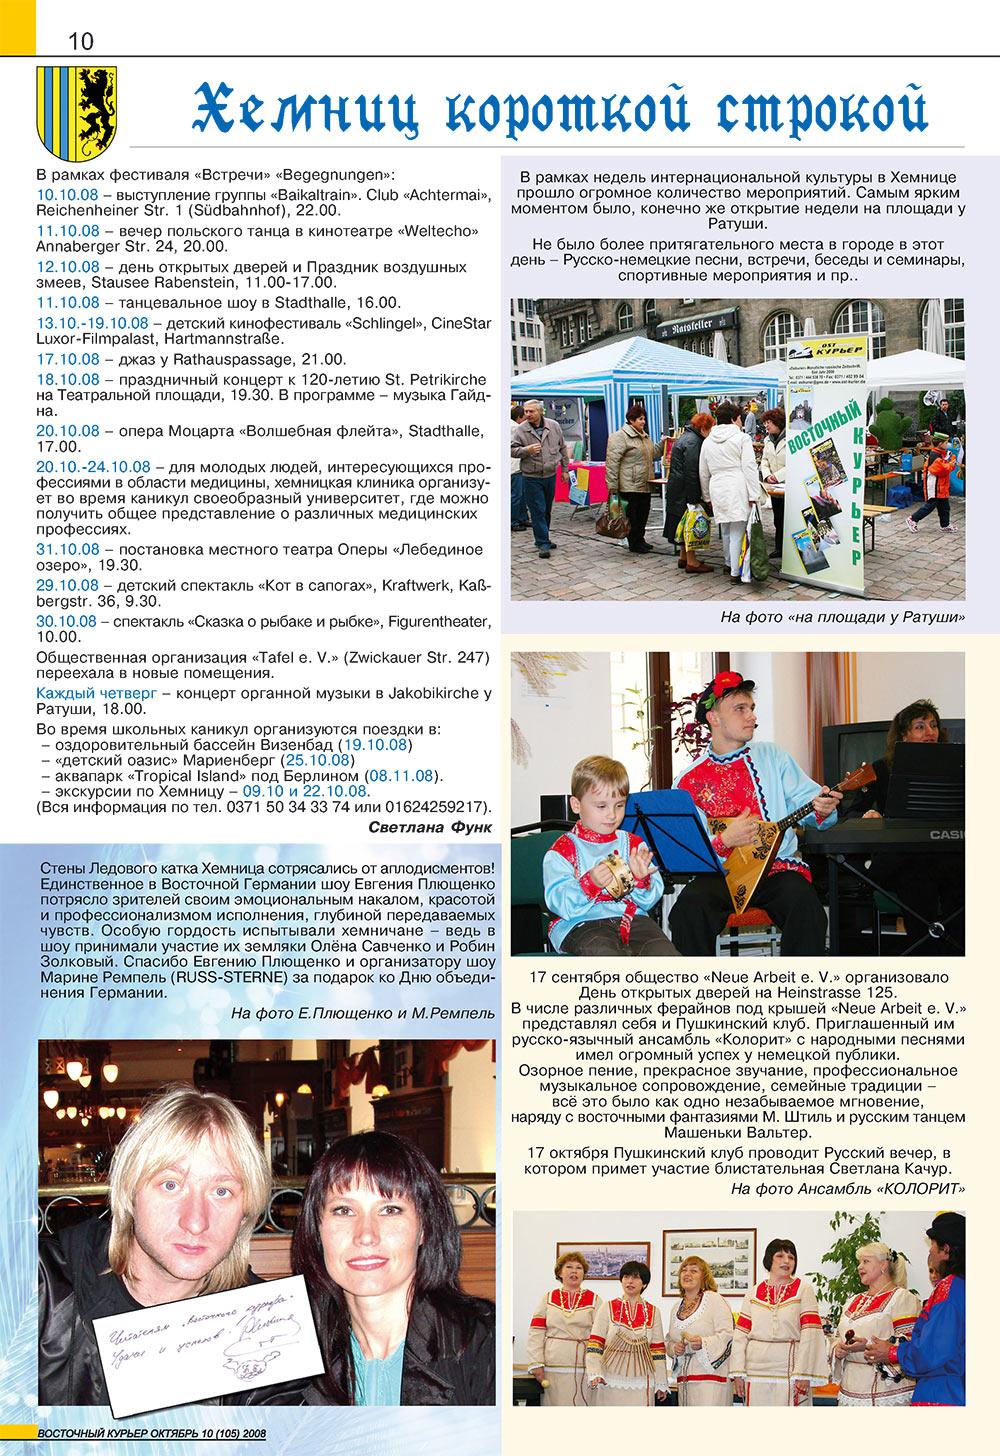 Восточный курьер (журнал). 2008 год, номер 10, стр. 10